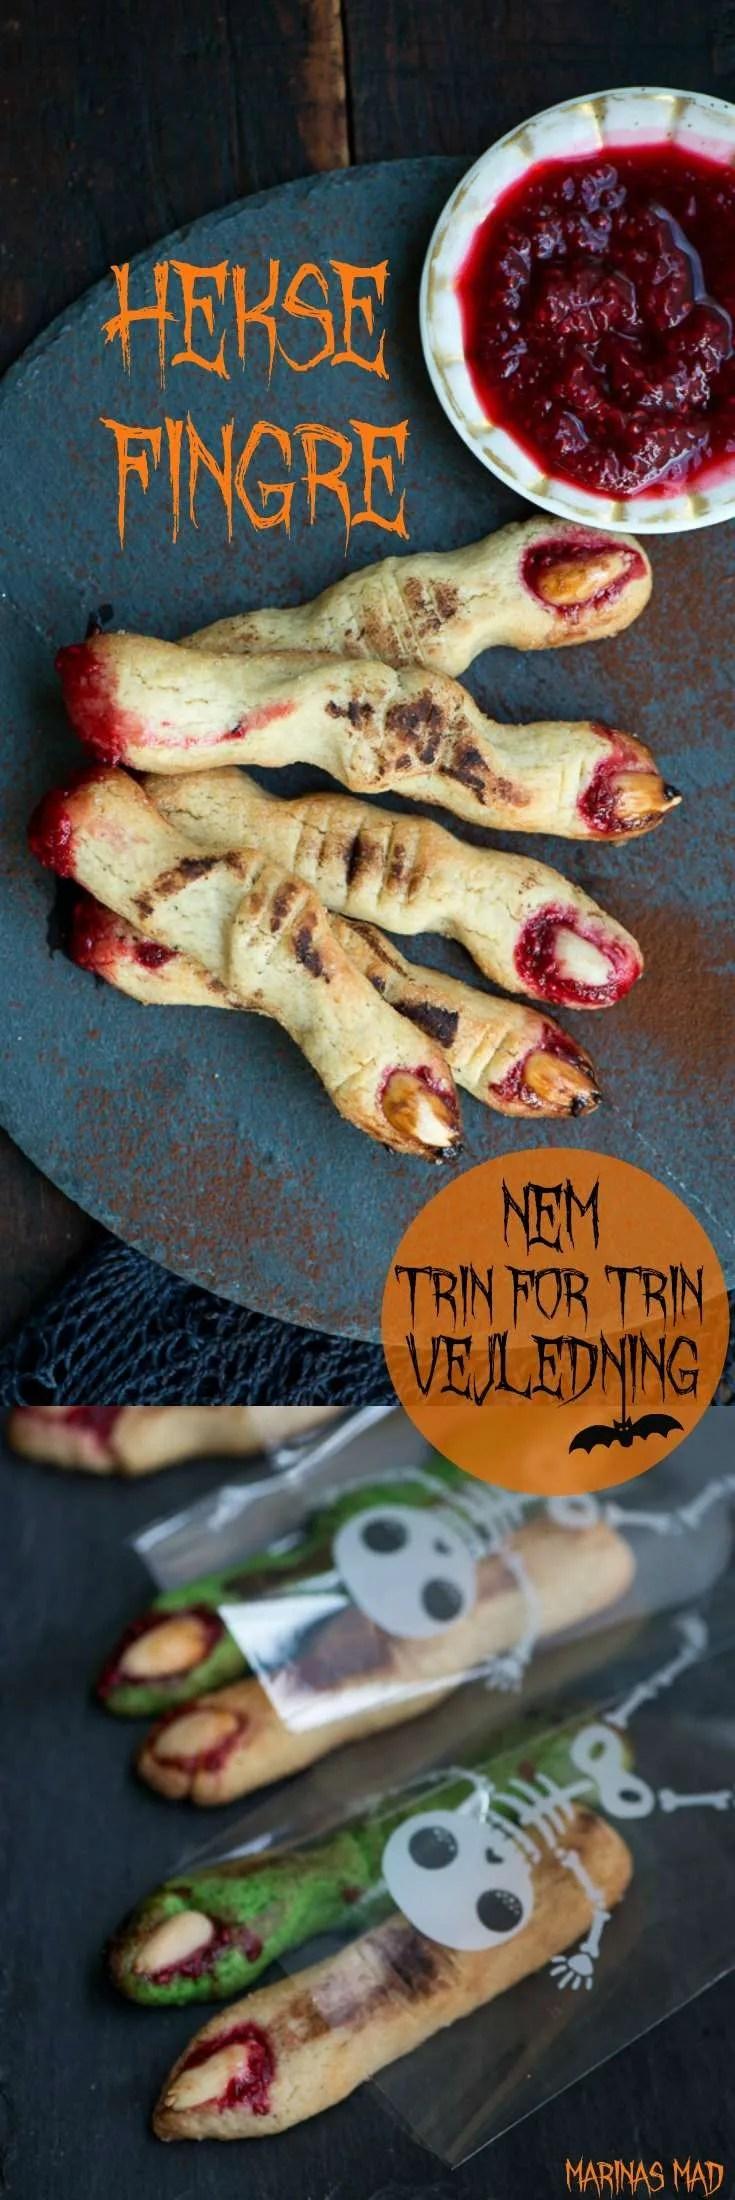 Heksefingre er den klassiske Halloween småkage og de klamme fingre er overraskende nemme at lave helt uden form eller mærkelige ingredienser. SE den nemme DIY hos Marinas Mad og bliv klar til Halloween fest